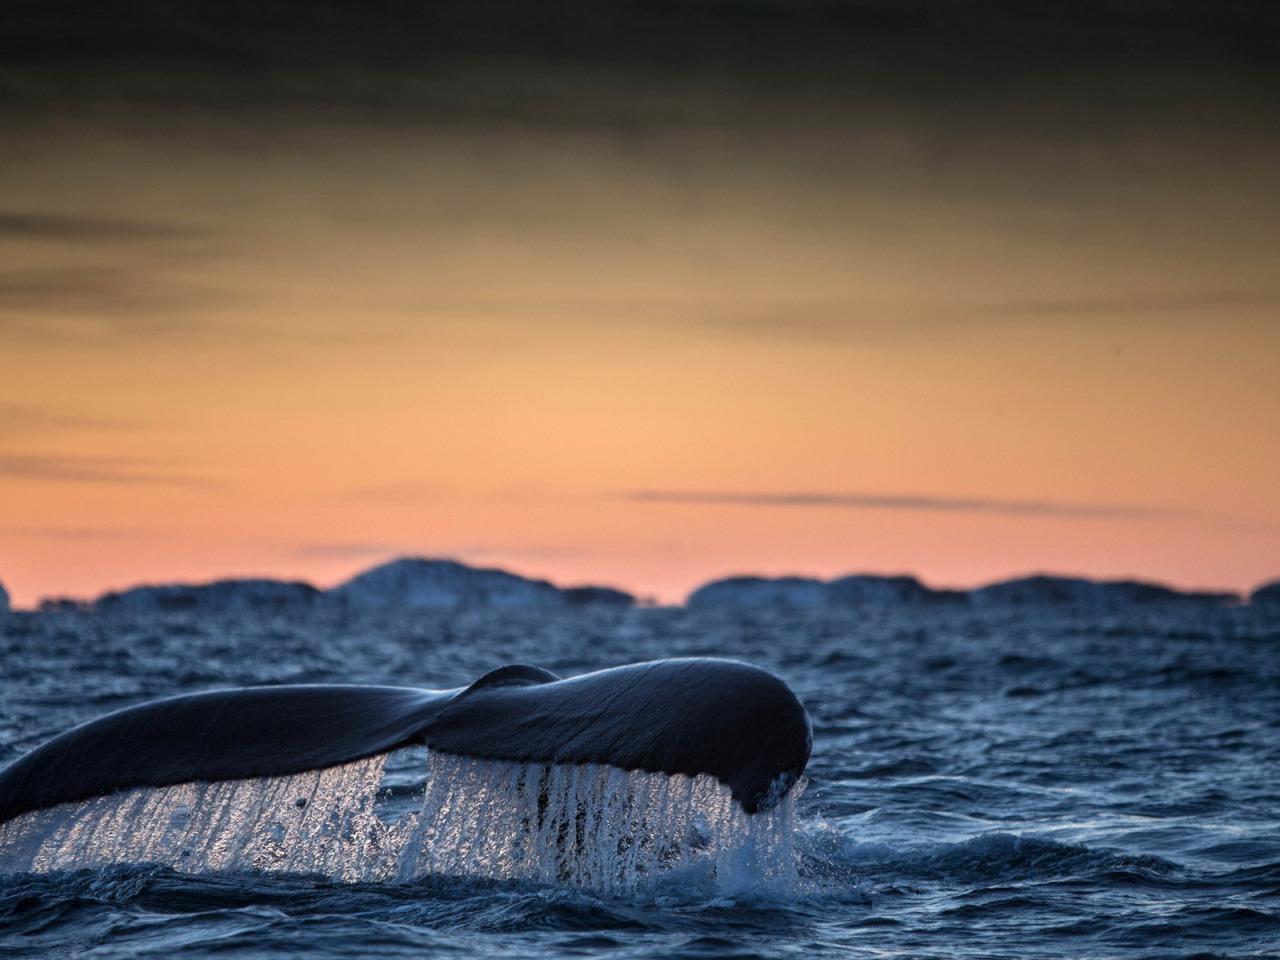 можно картинки и фото китов в океане также пропорциями